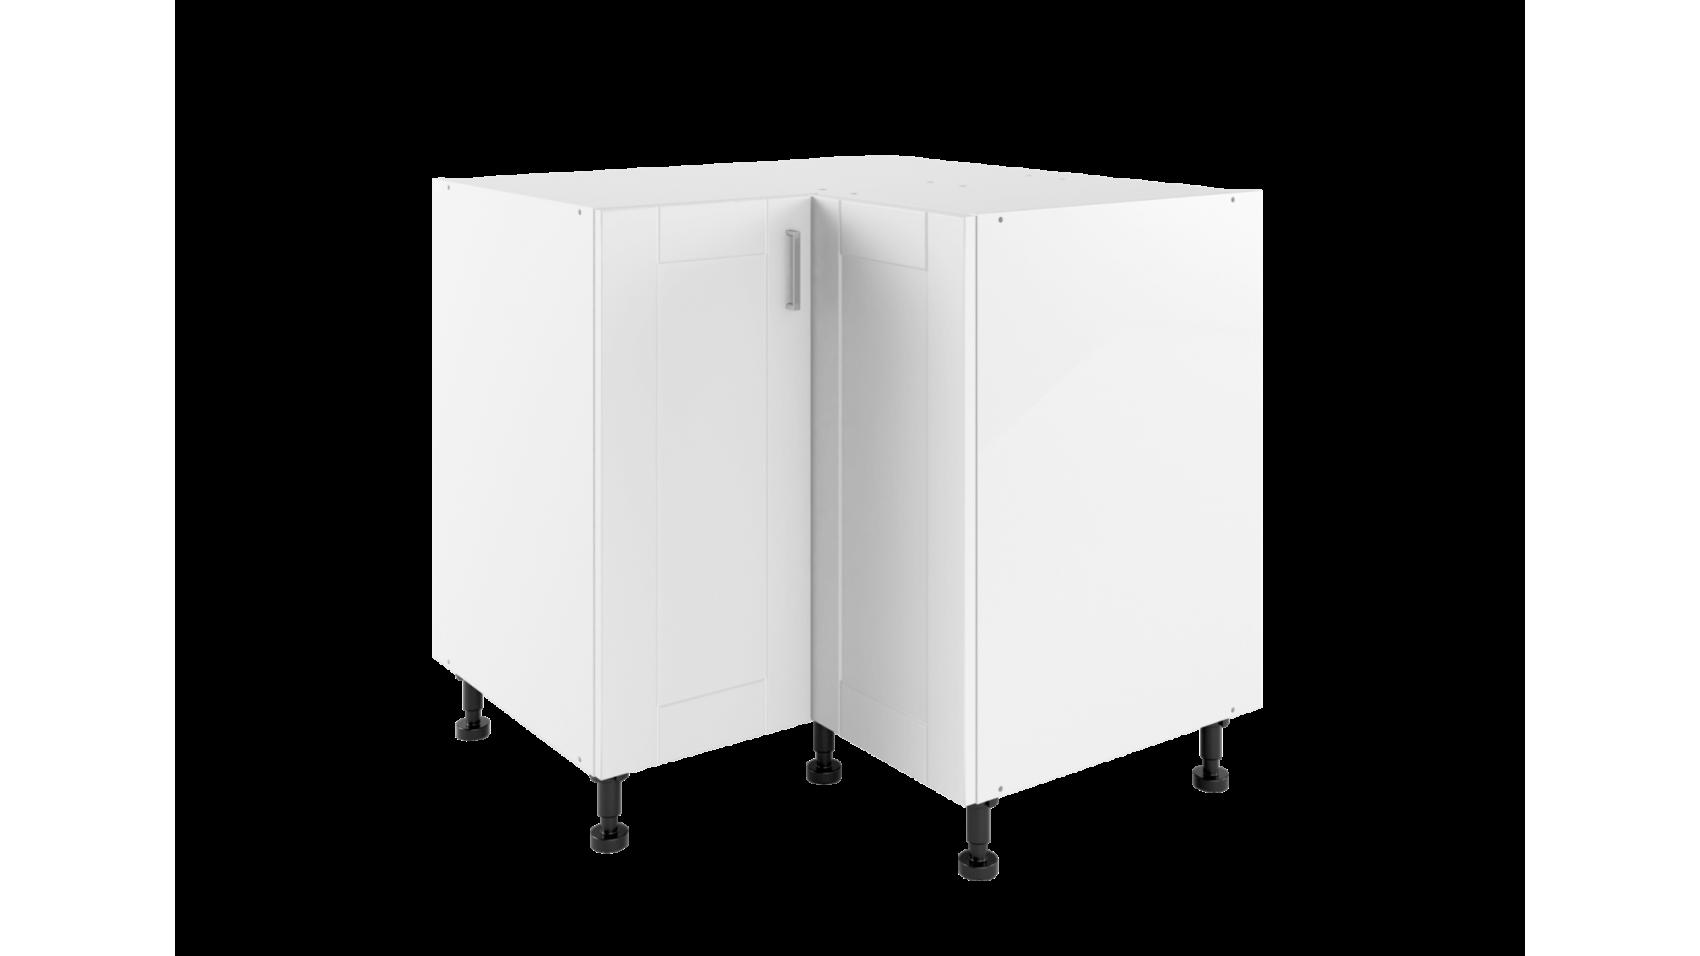 Kuchenne Szafki Narożne Milano Bianco   sklep internetowy Lupus ECO